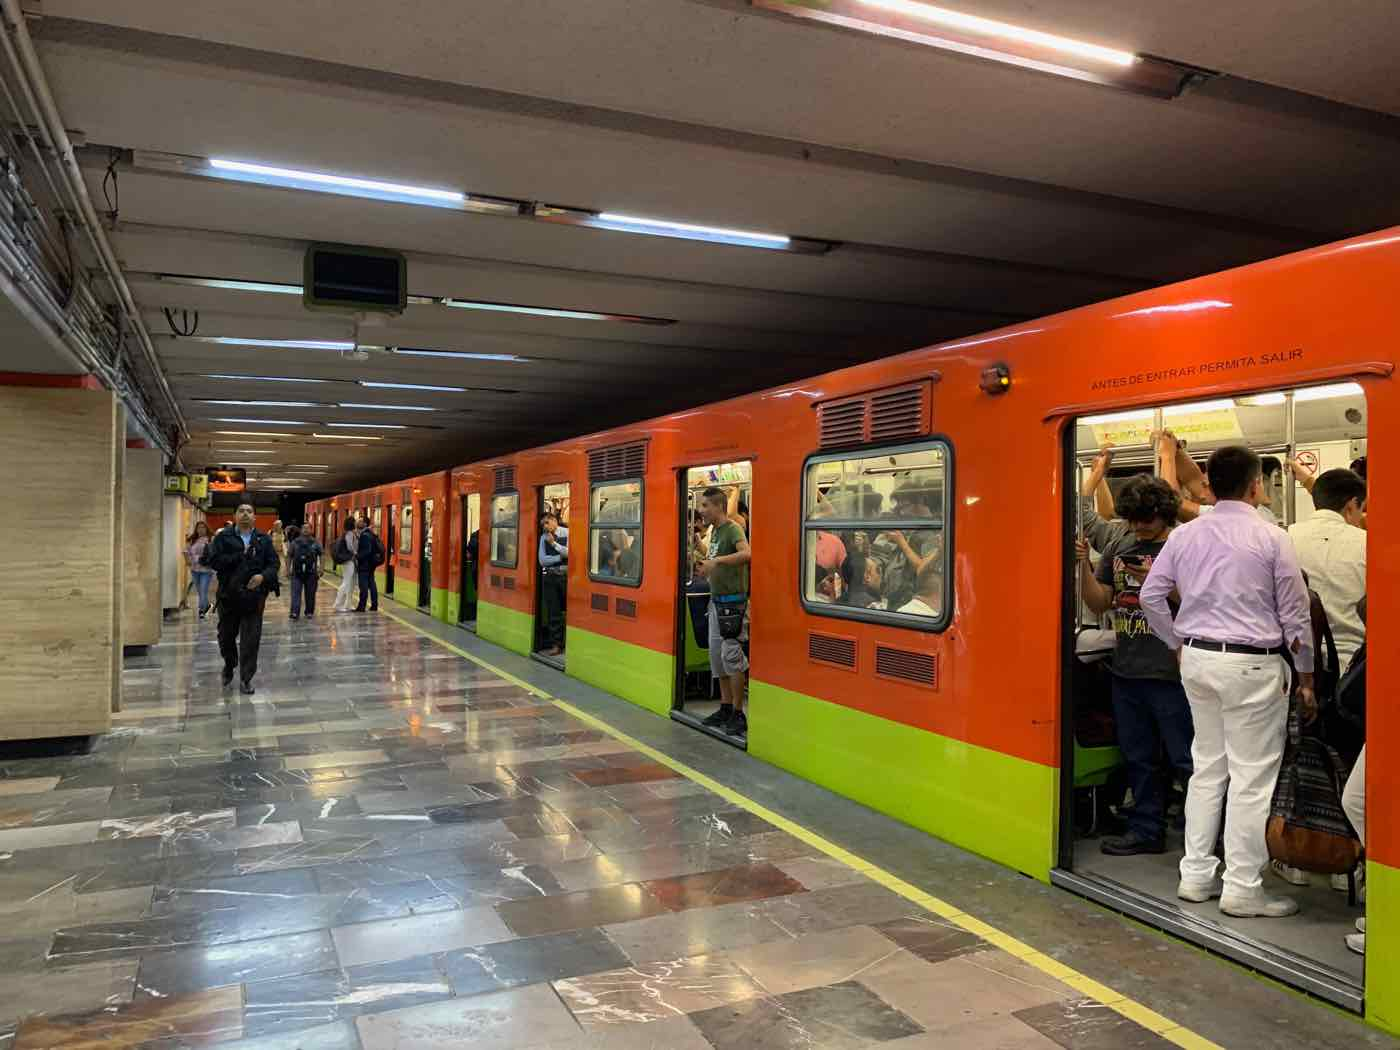 mexico city safety tips metro